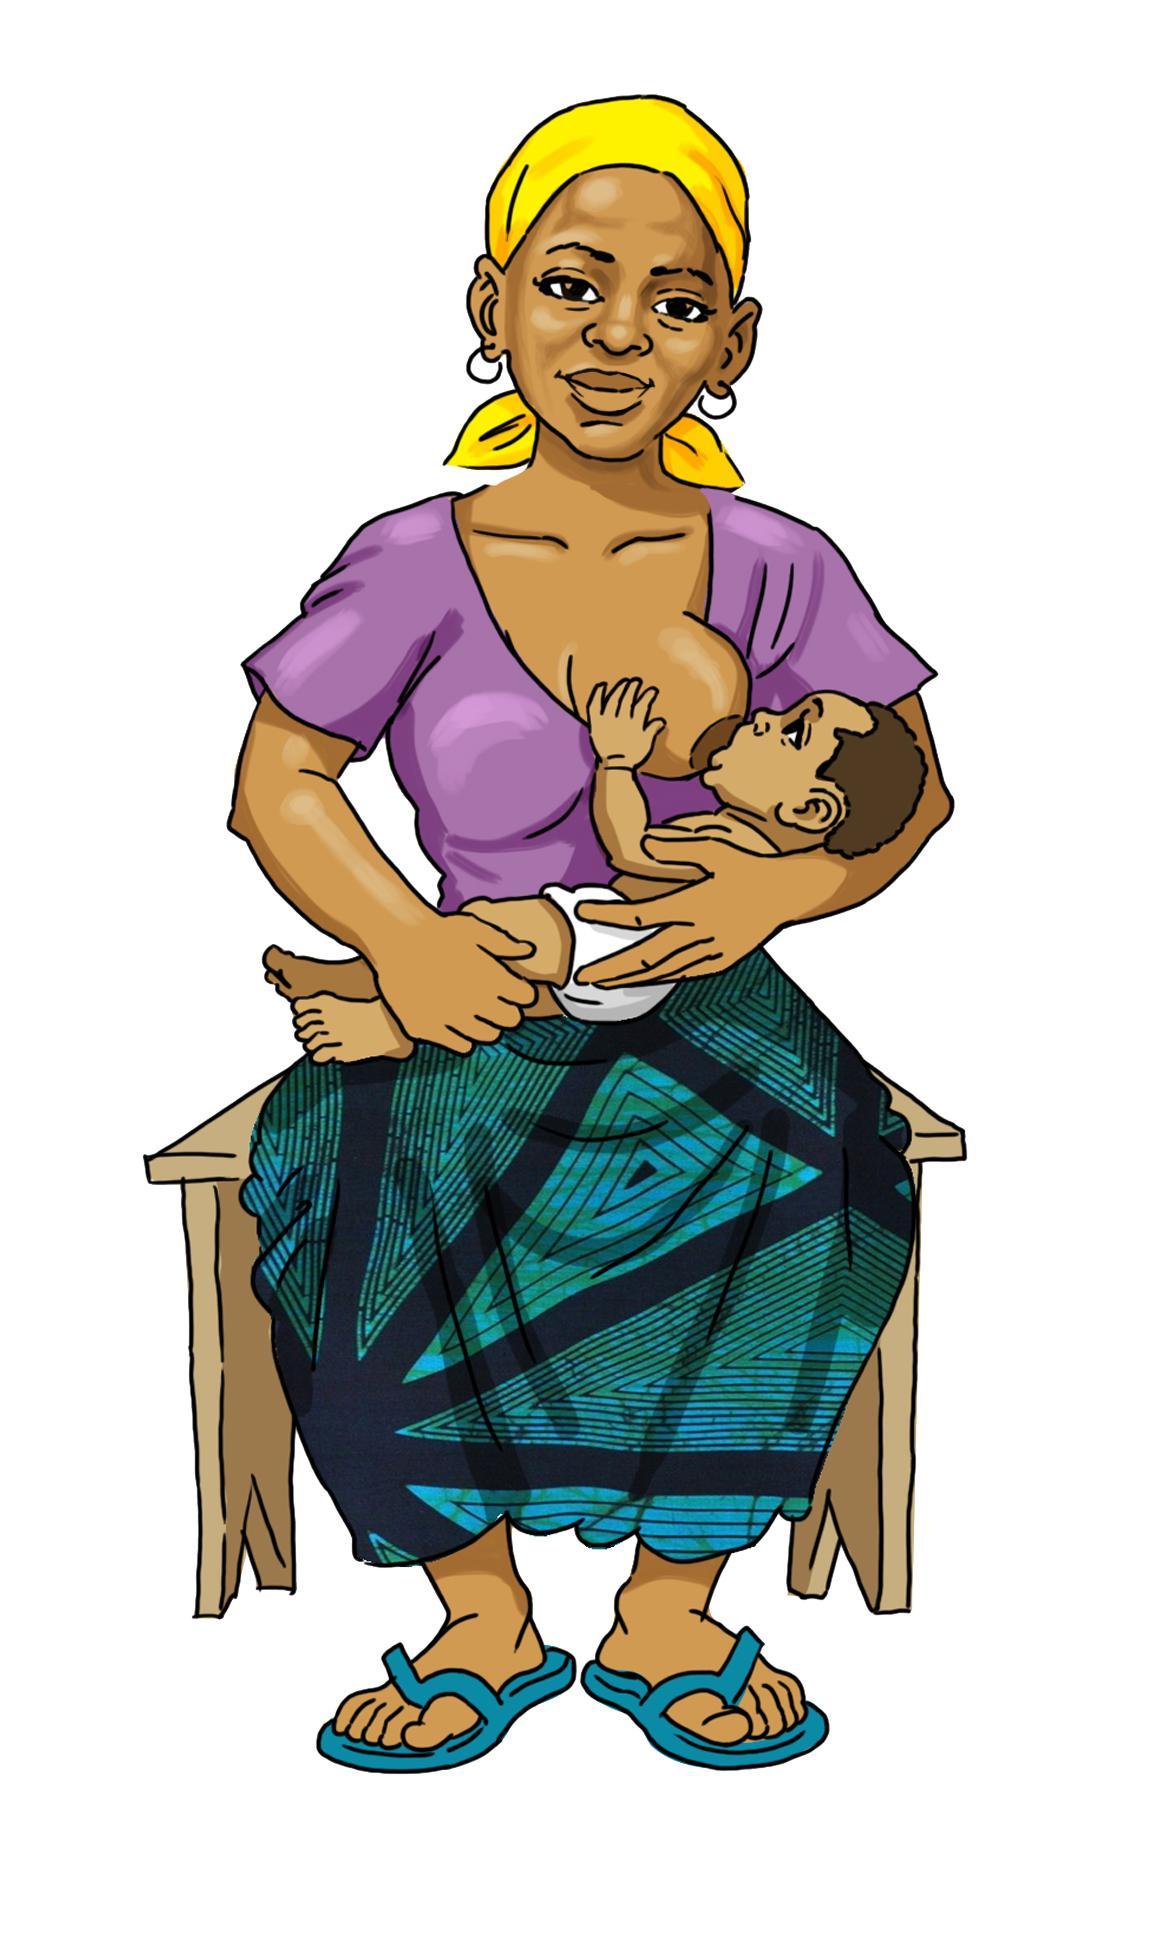 Breastfeeding - Exclusive breastfeeding 0-6mo - 08 - Burkina Faso